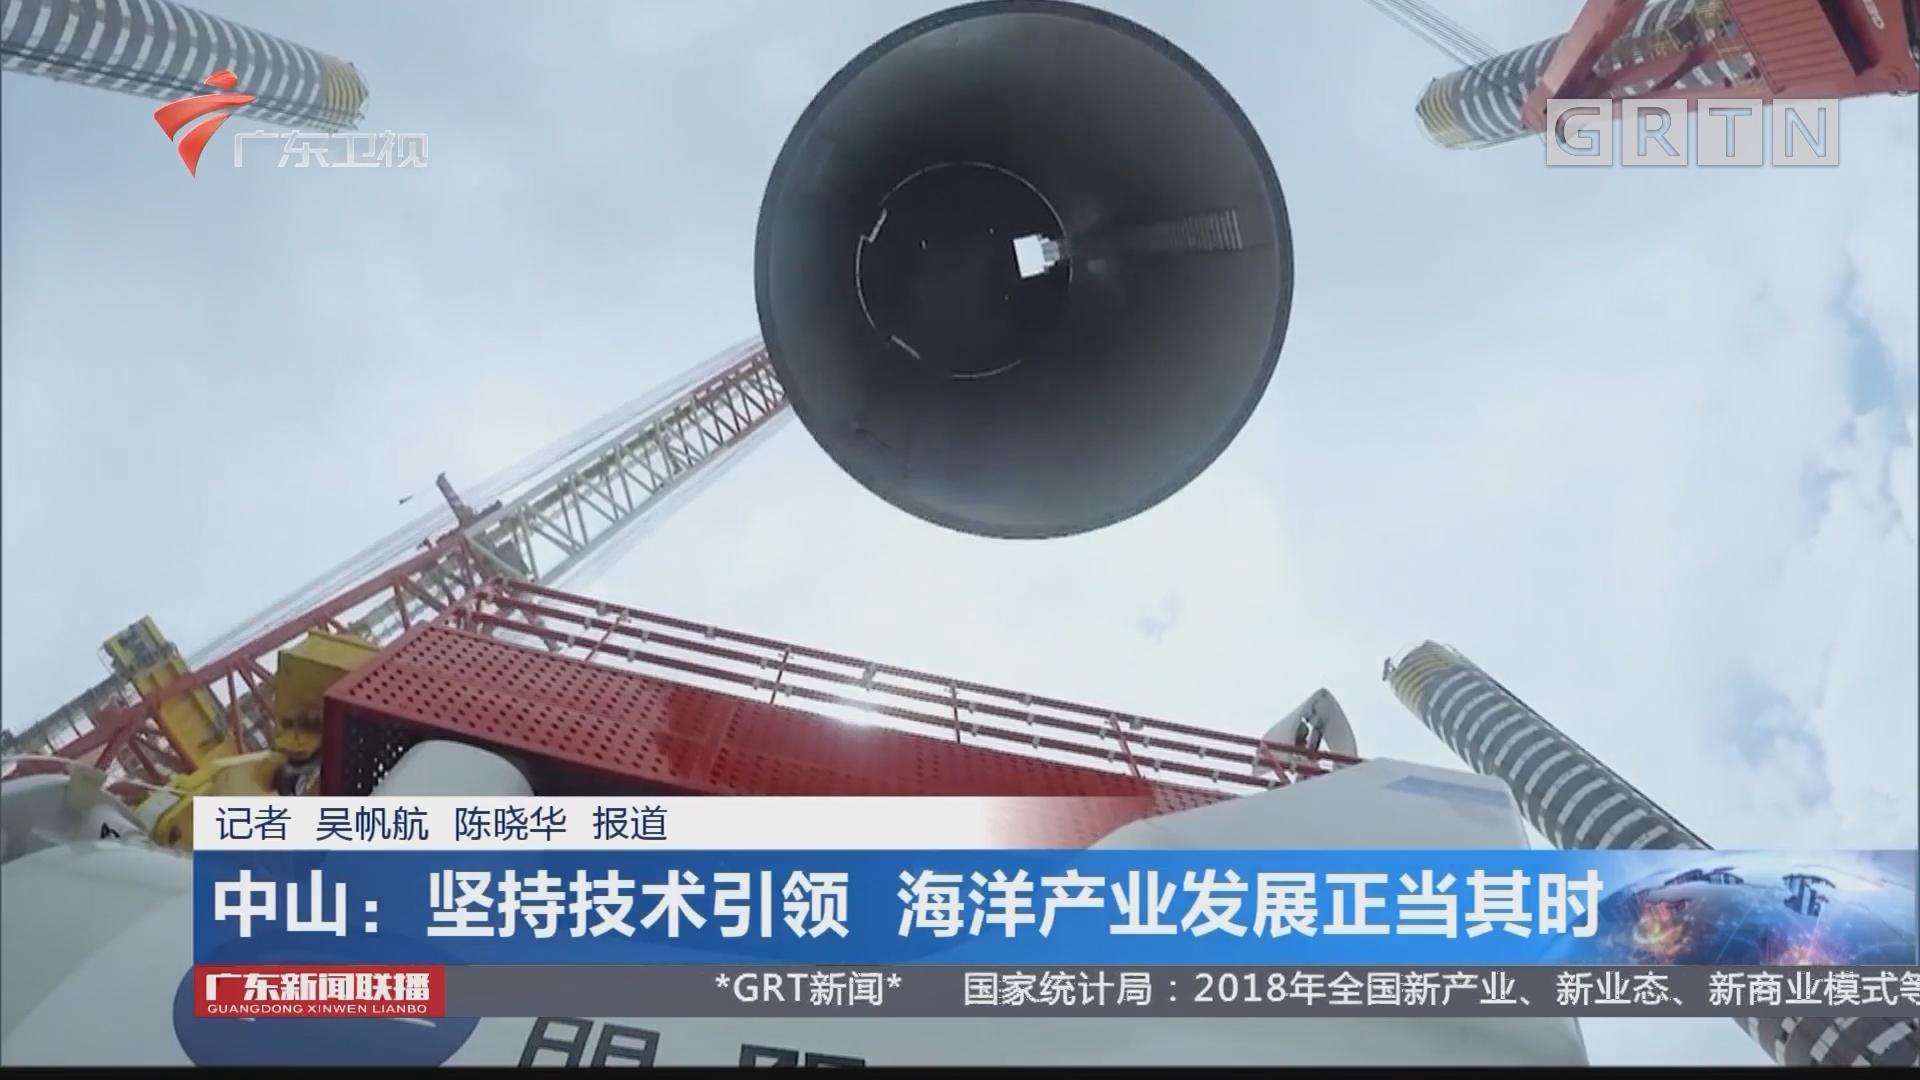 中山:坚持技术引领 海洋产业发展正当其时